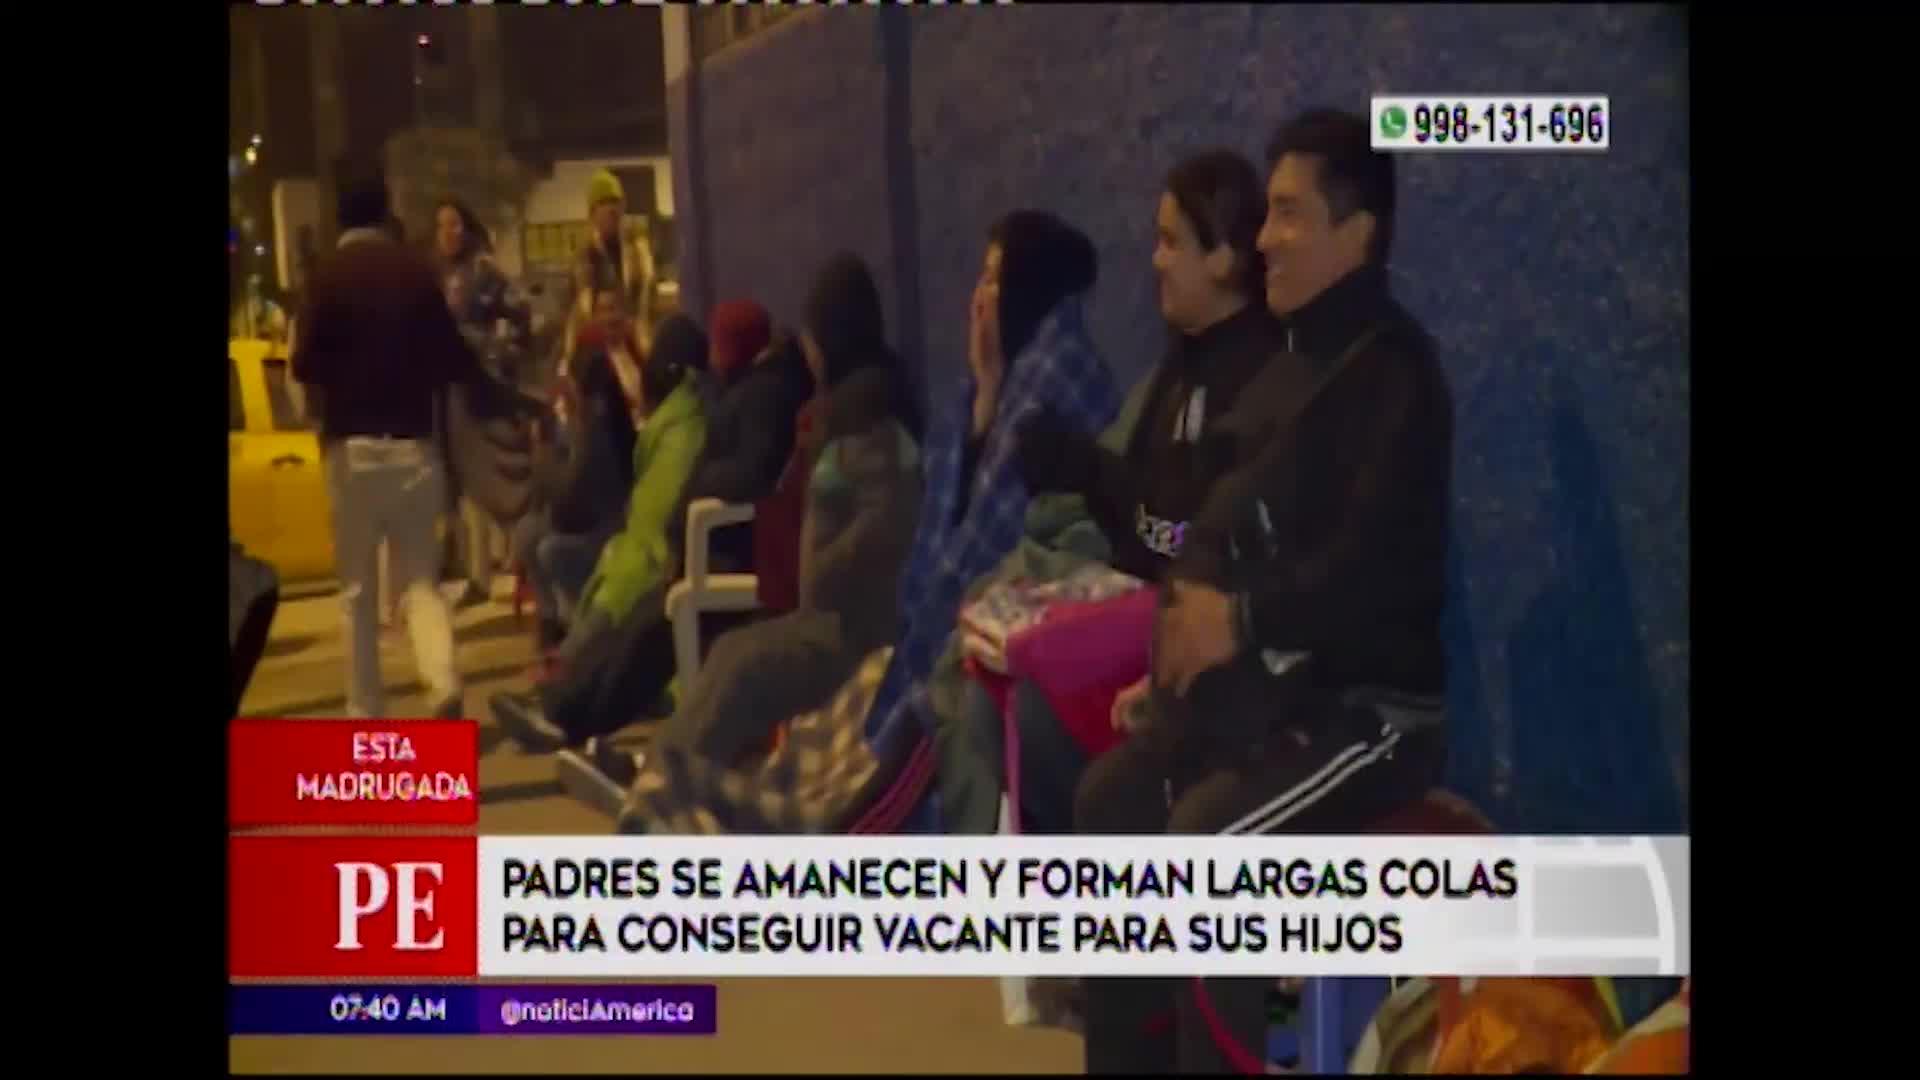 VMT: padres de familia acampan a las afueras de colegio para conseguir matrículas